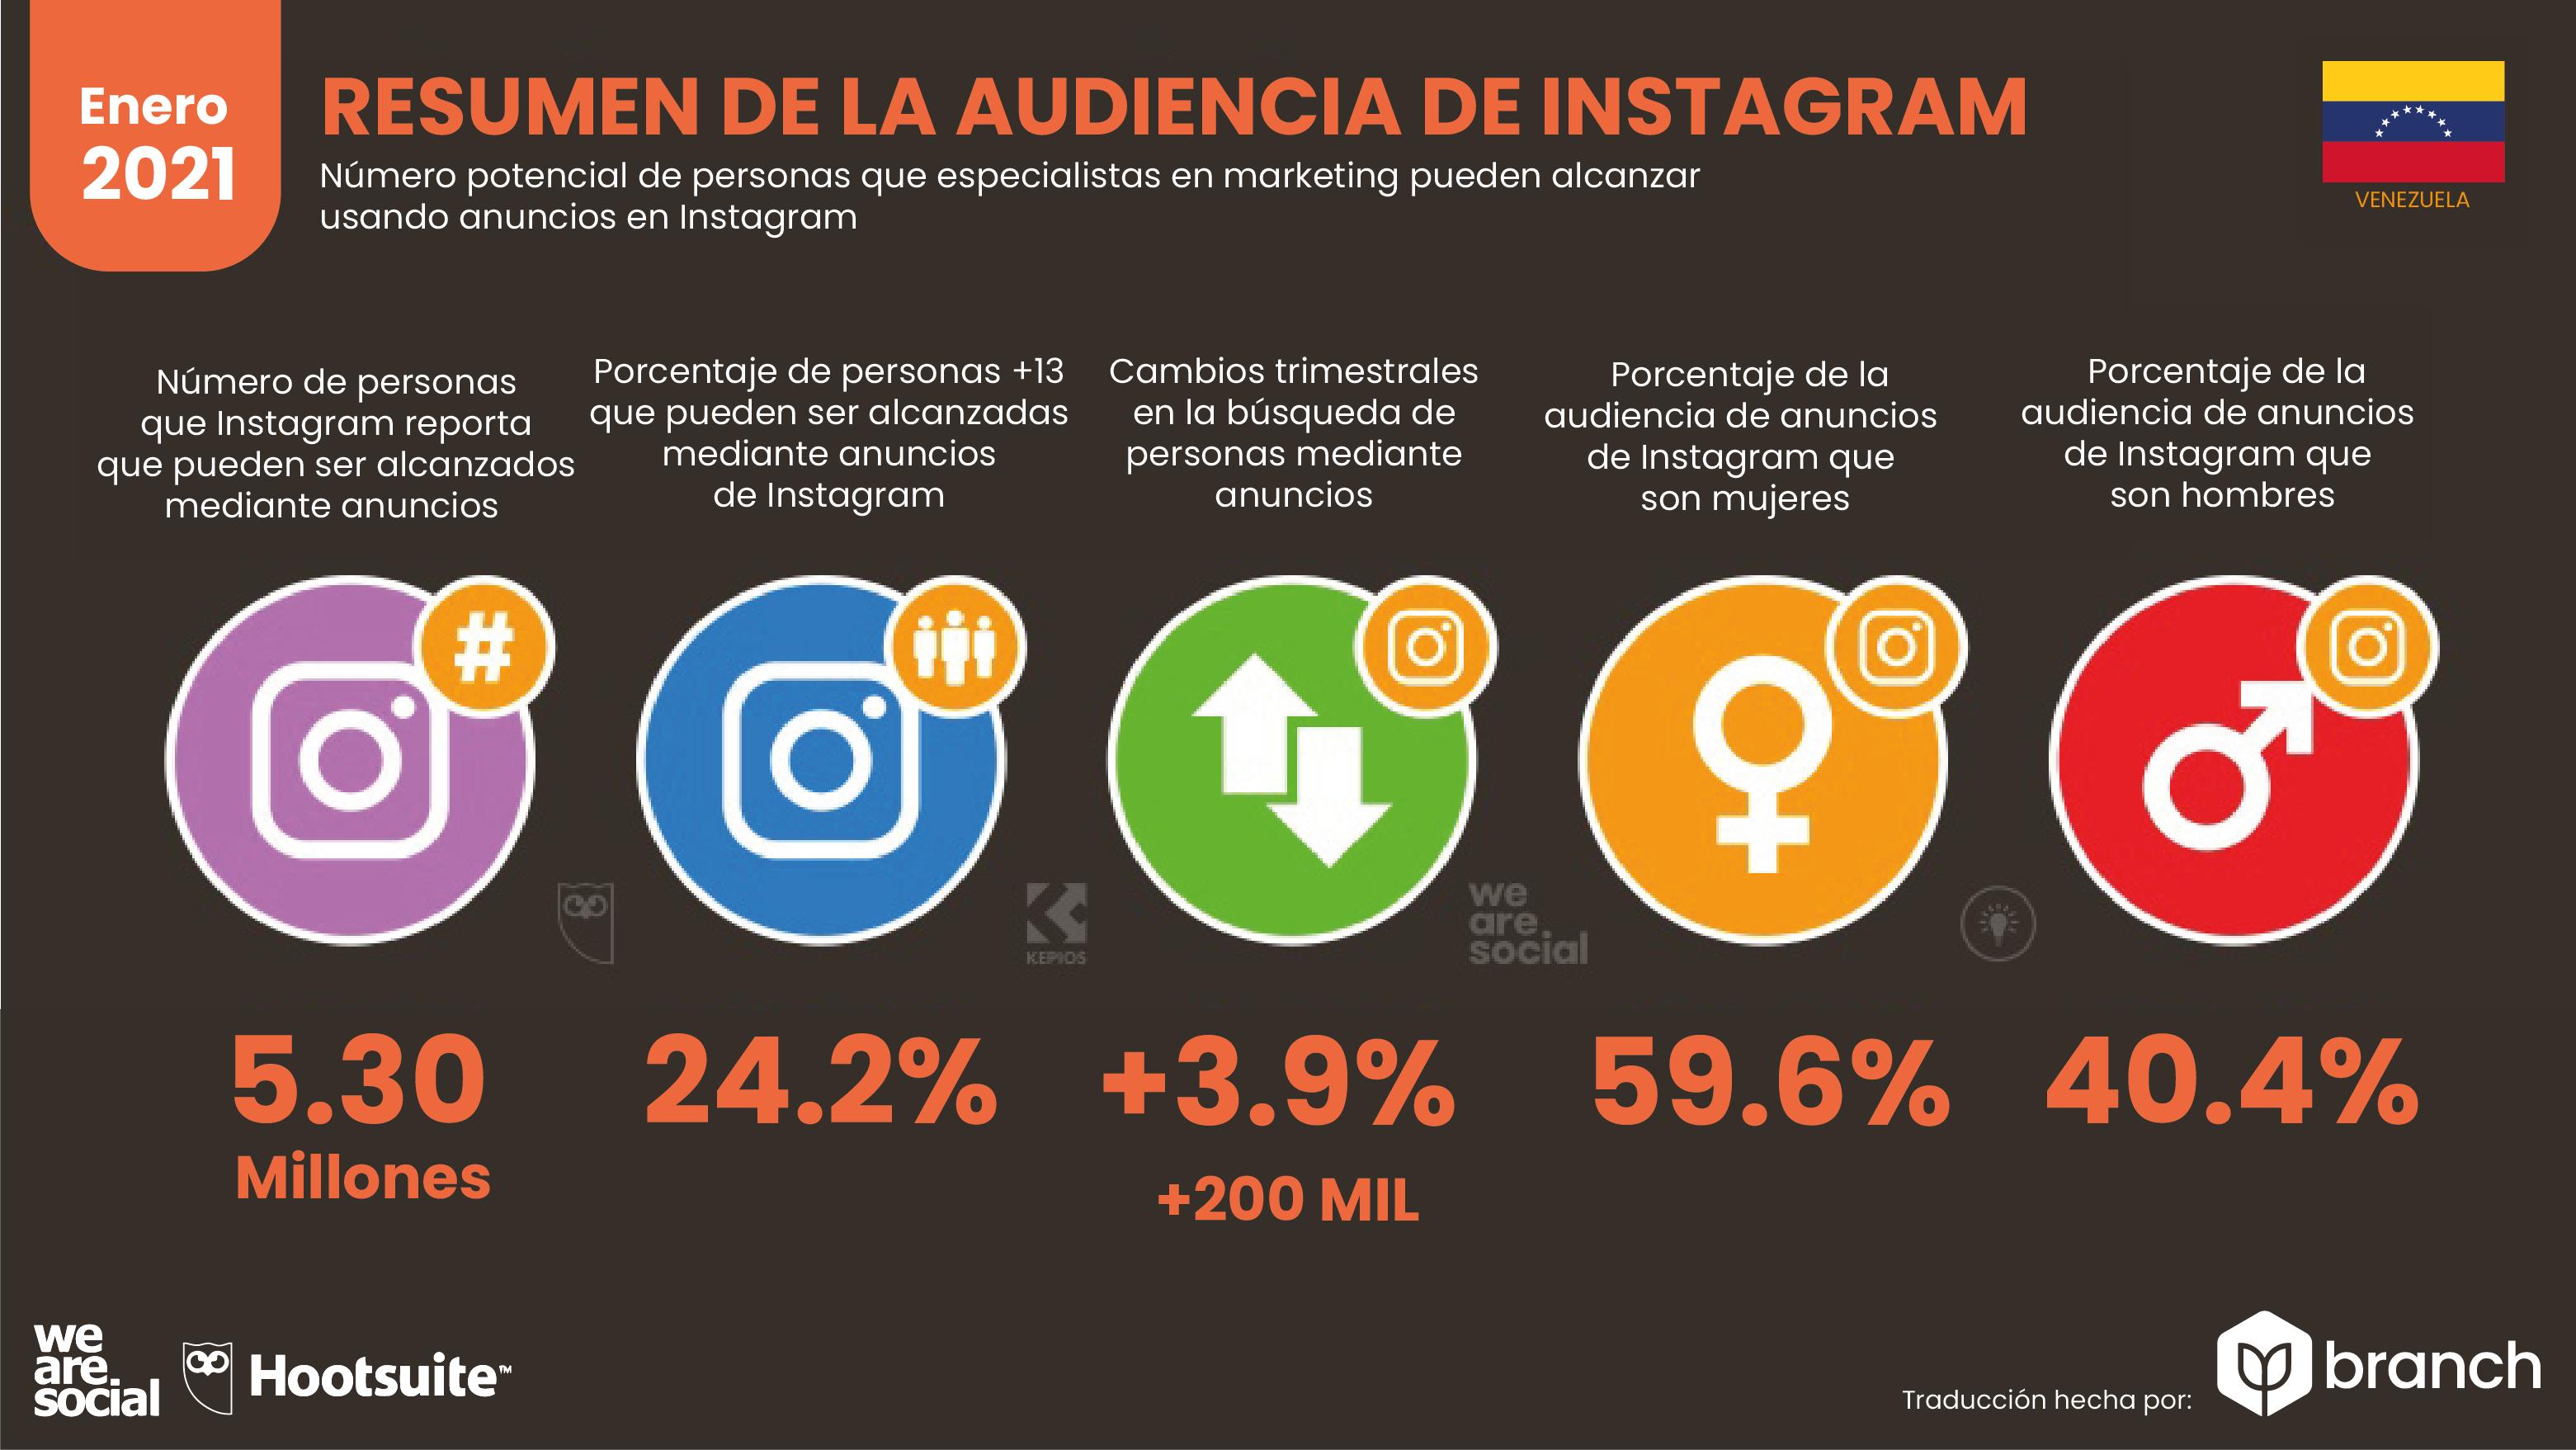 uso-de-instagram-en-venezuela-2020-2021